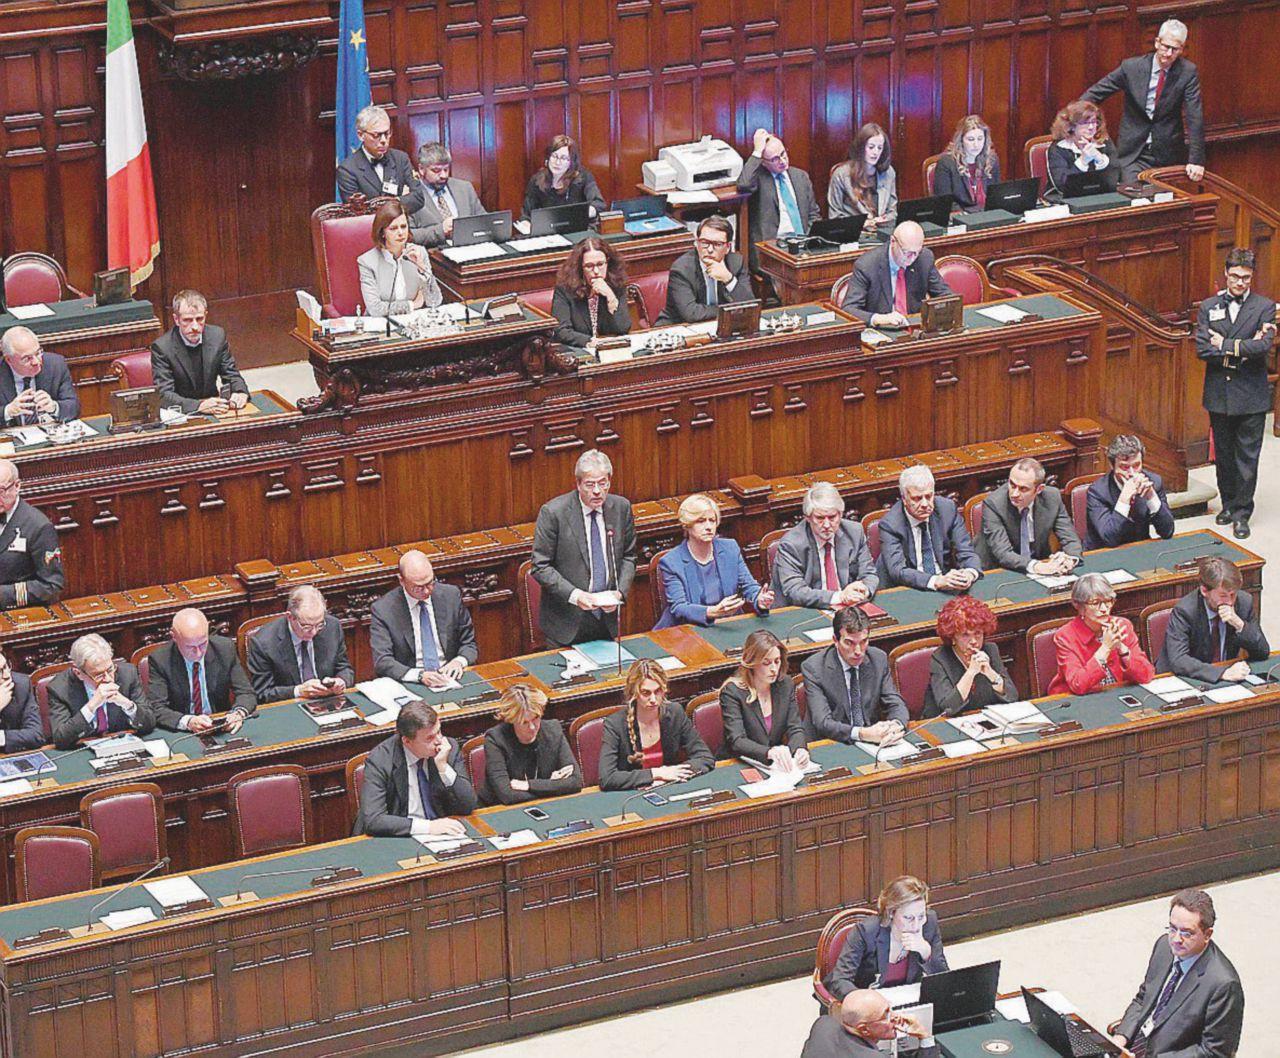 In Edicola sul Fatto Quotidiano del 5 ottobre: Che bel governo: esce Bersani e rientra Verdini